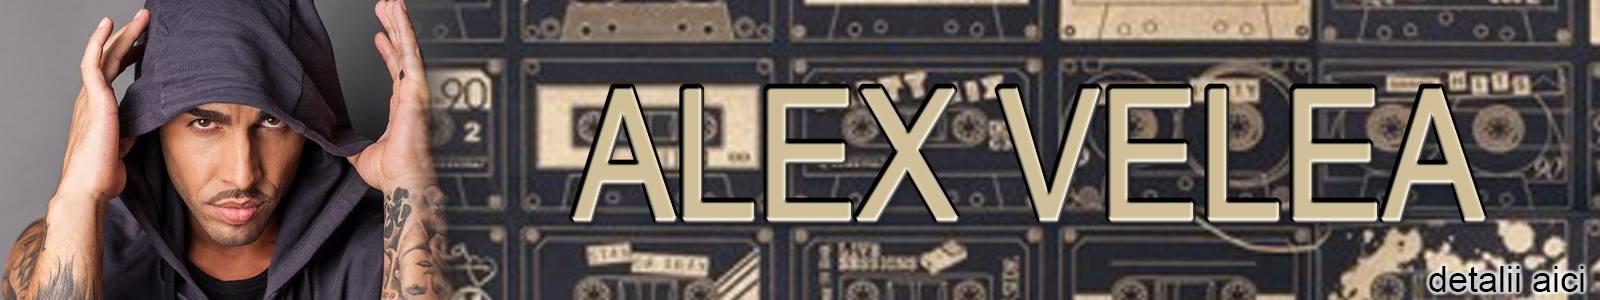 contact-alex-velea-pret-nunta-organizare-evenimente